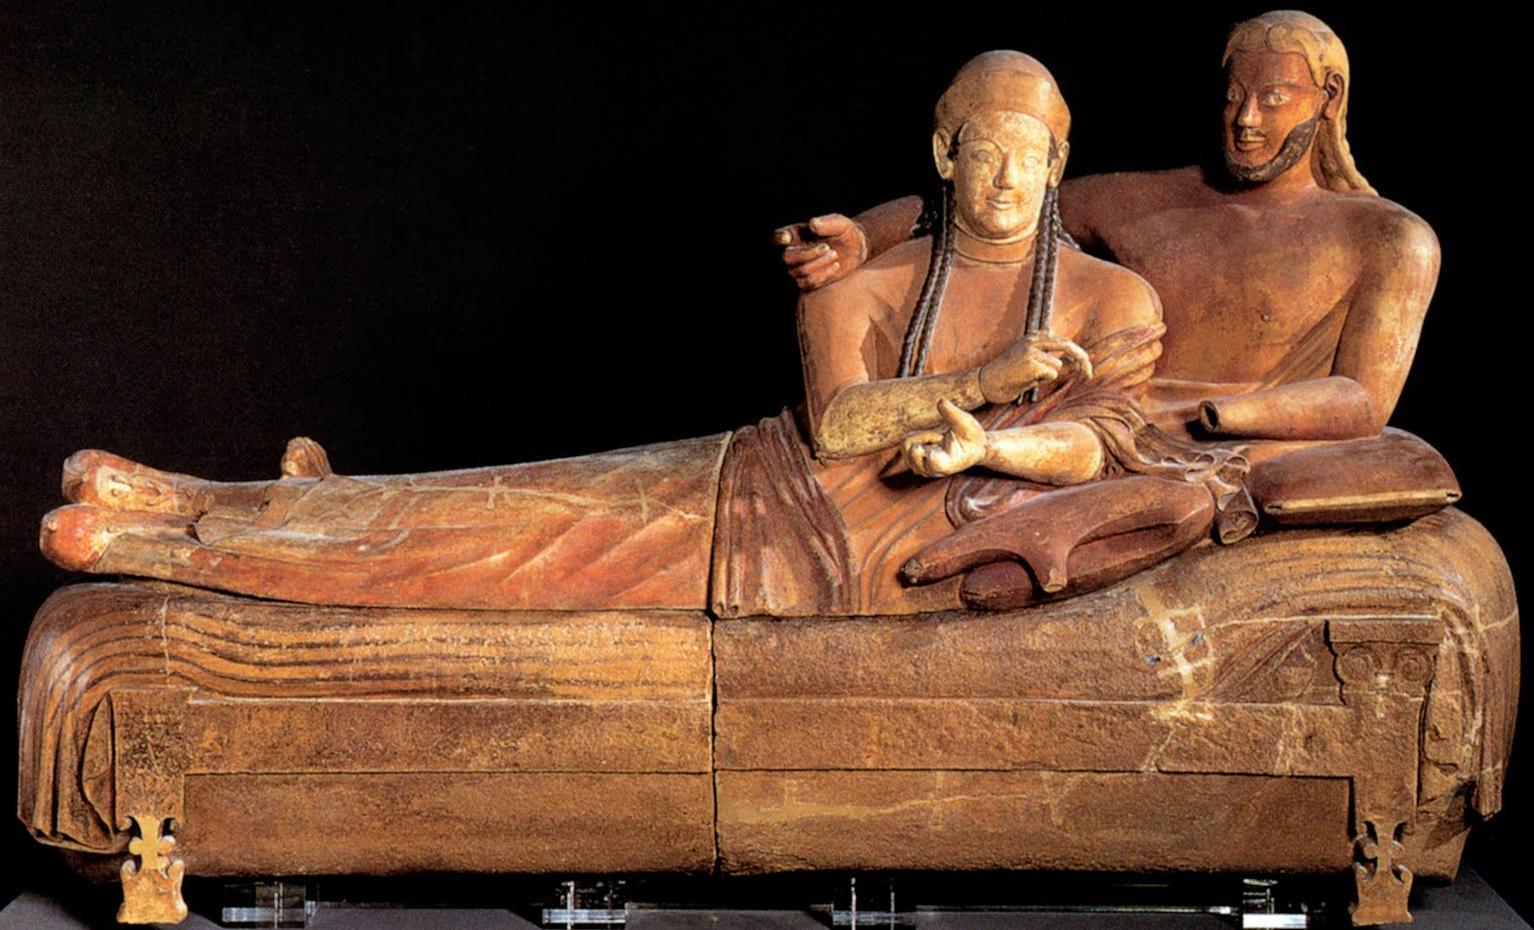 Matrimonio Romano Arcaico : I fondamenti cristiani del matrimonio etrusco orticaweb